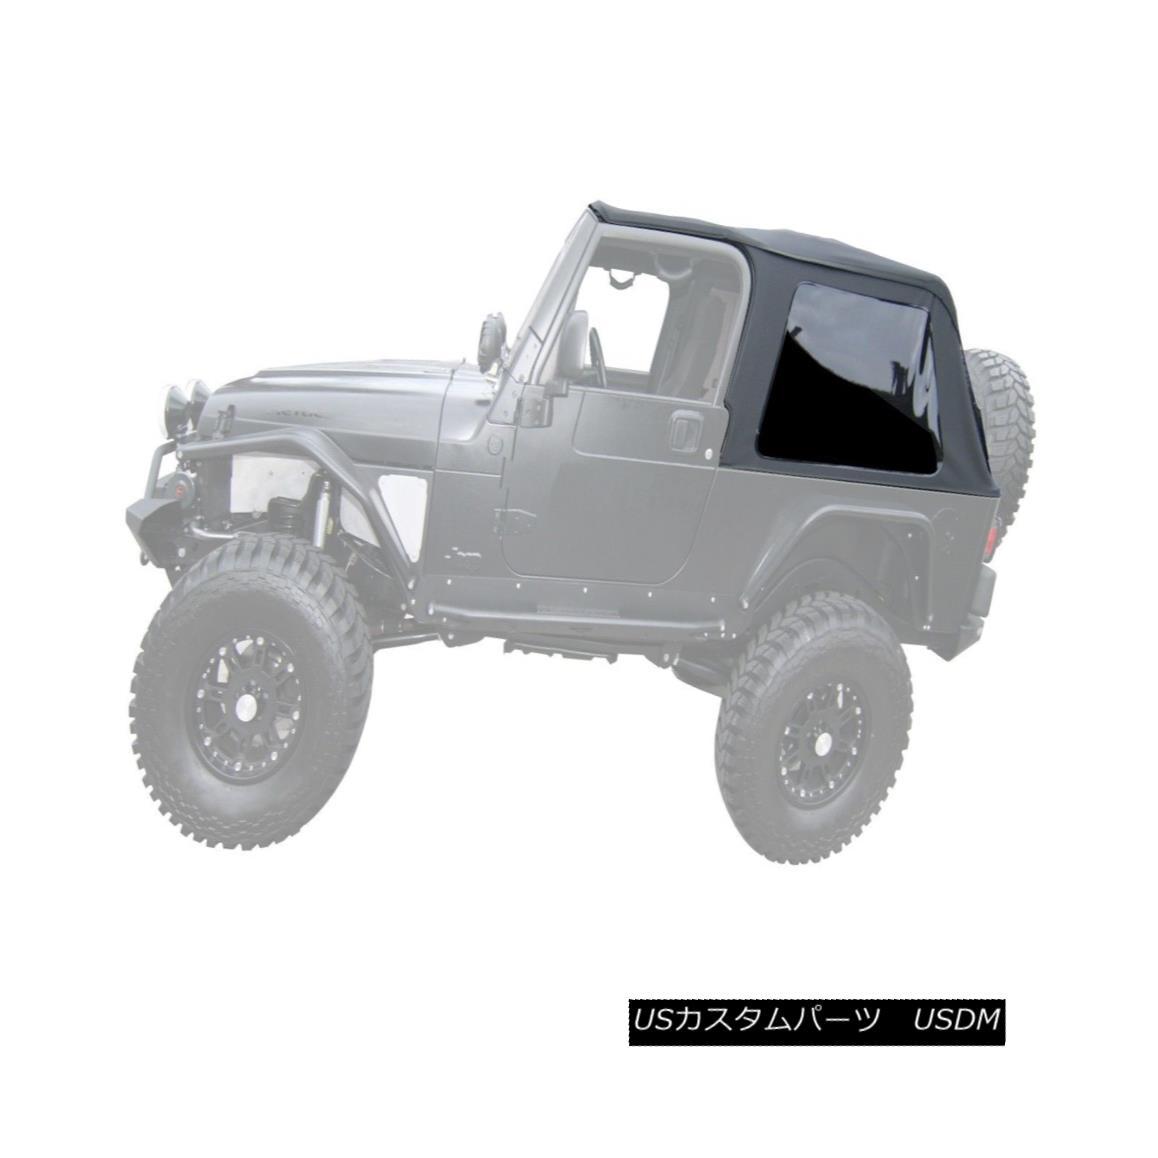 幌・ソフトトップ Rampage 109635 Frameless Soft Top Kit Sailcloth Fits 04-06 Wrangler (LJ) Rampage 109635フレームレスソフトトップキットSailcloth Fits 04-06 Wrangler(LJ)